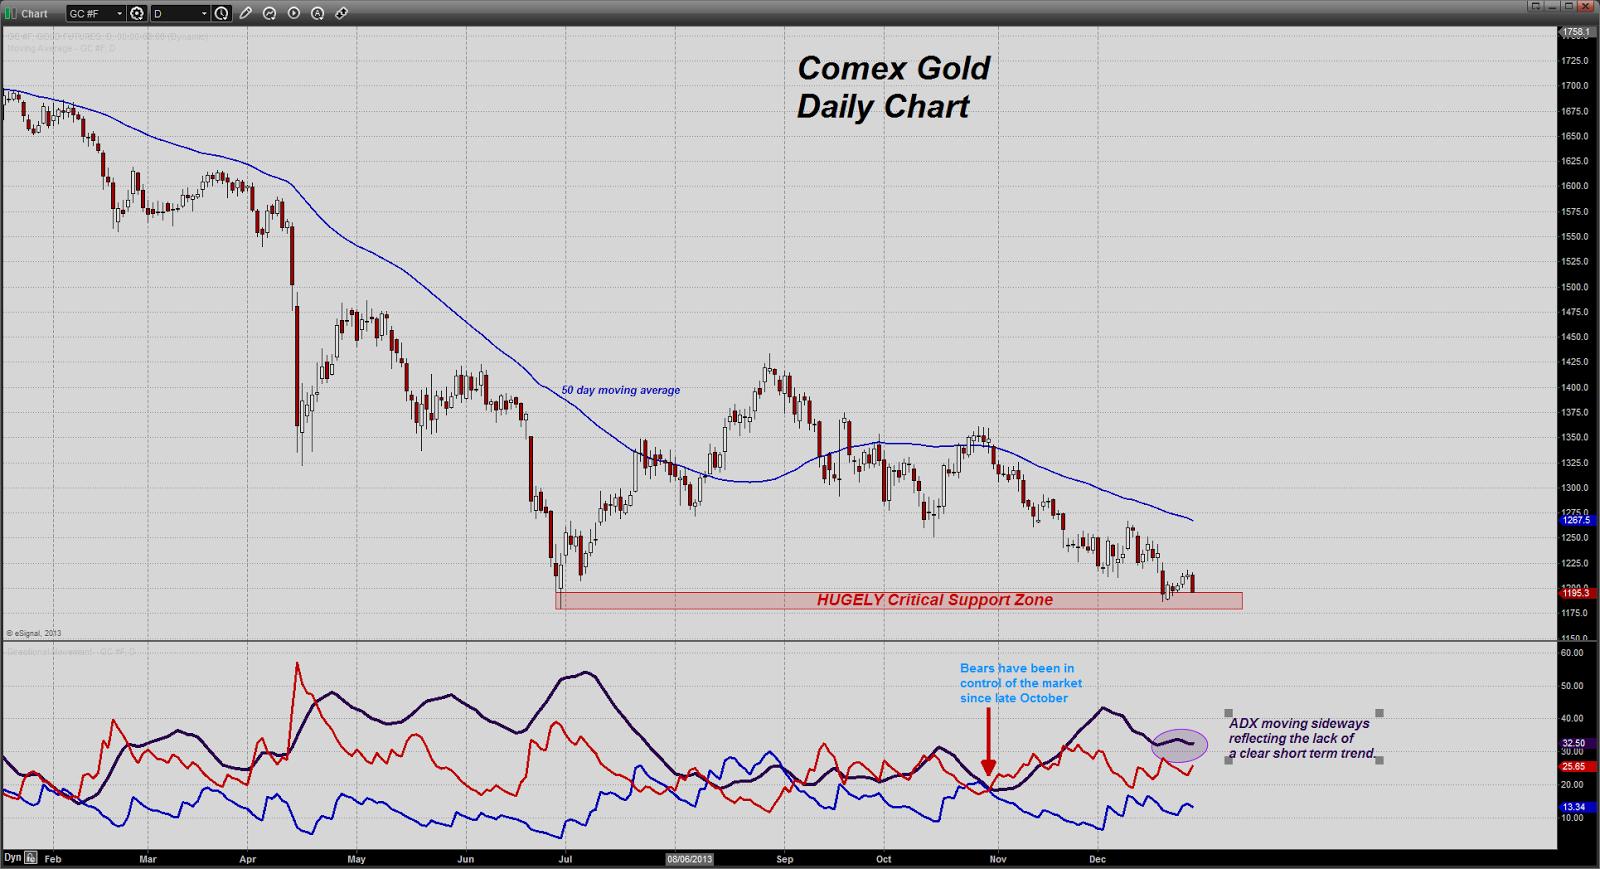 prix de l'or, de l'argent et des minières / suivi quotidien en clôture - Page 8 Chart20131230124437